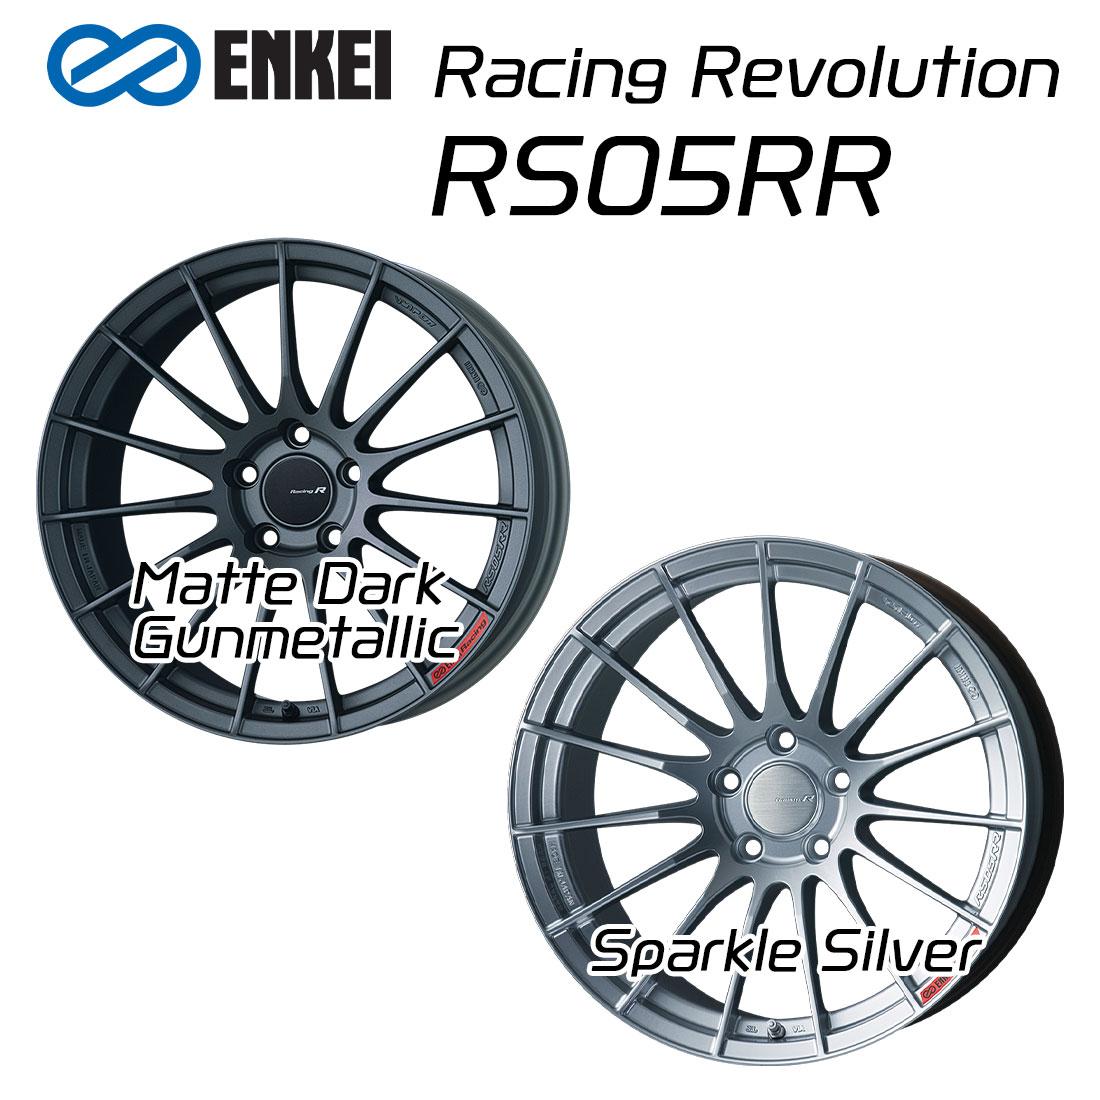 エンケイ ホイール レーシングレボリューション RS05RR 20インチ 9.5J ENKEI Racing Revolution マット ダーク ガンメタリック 車 かっこいい